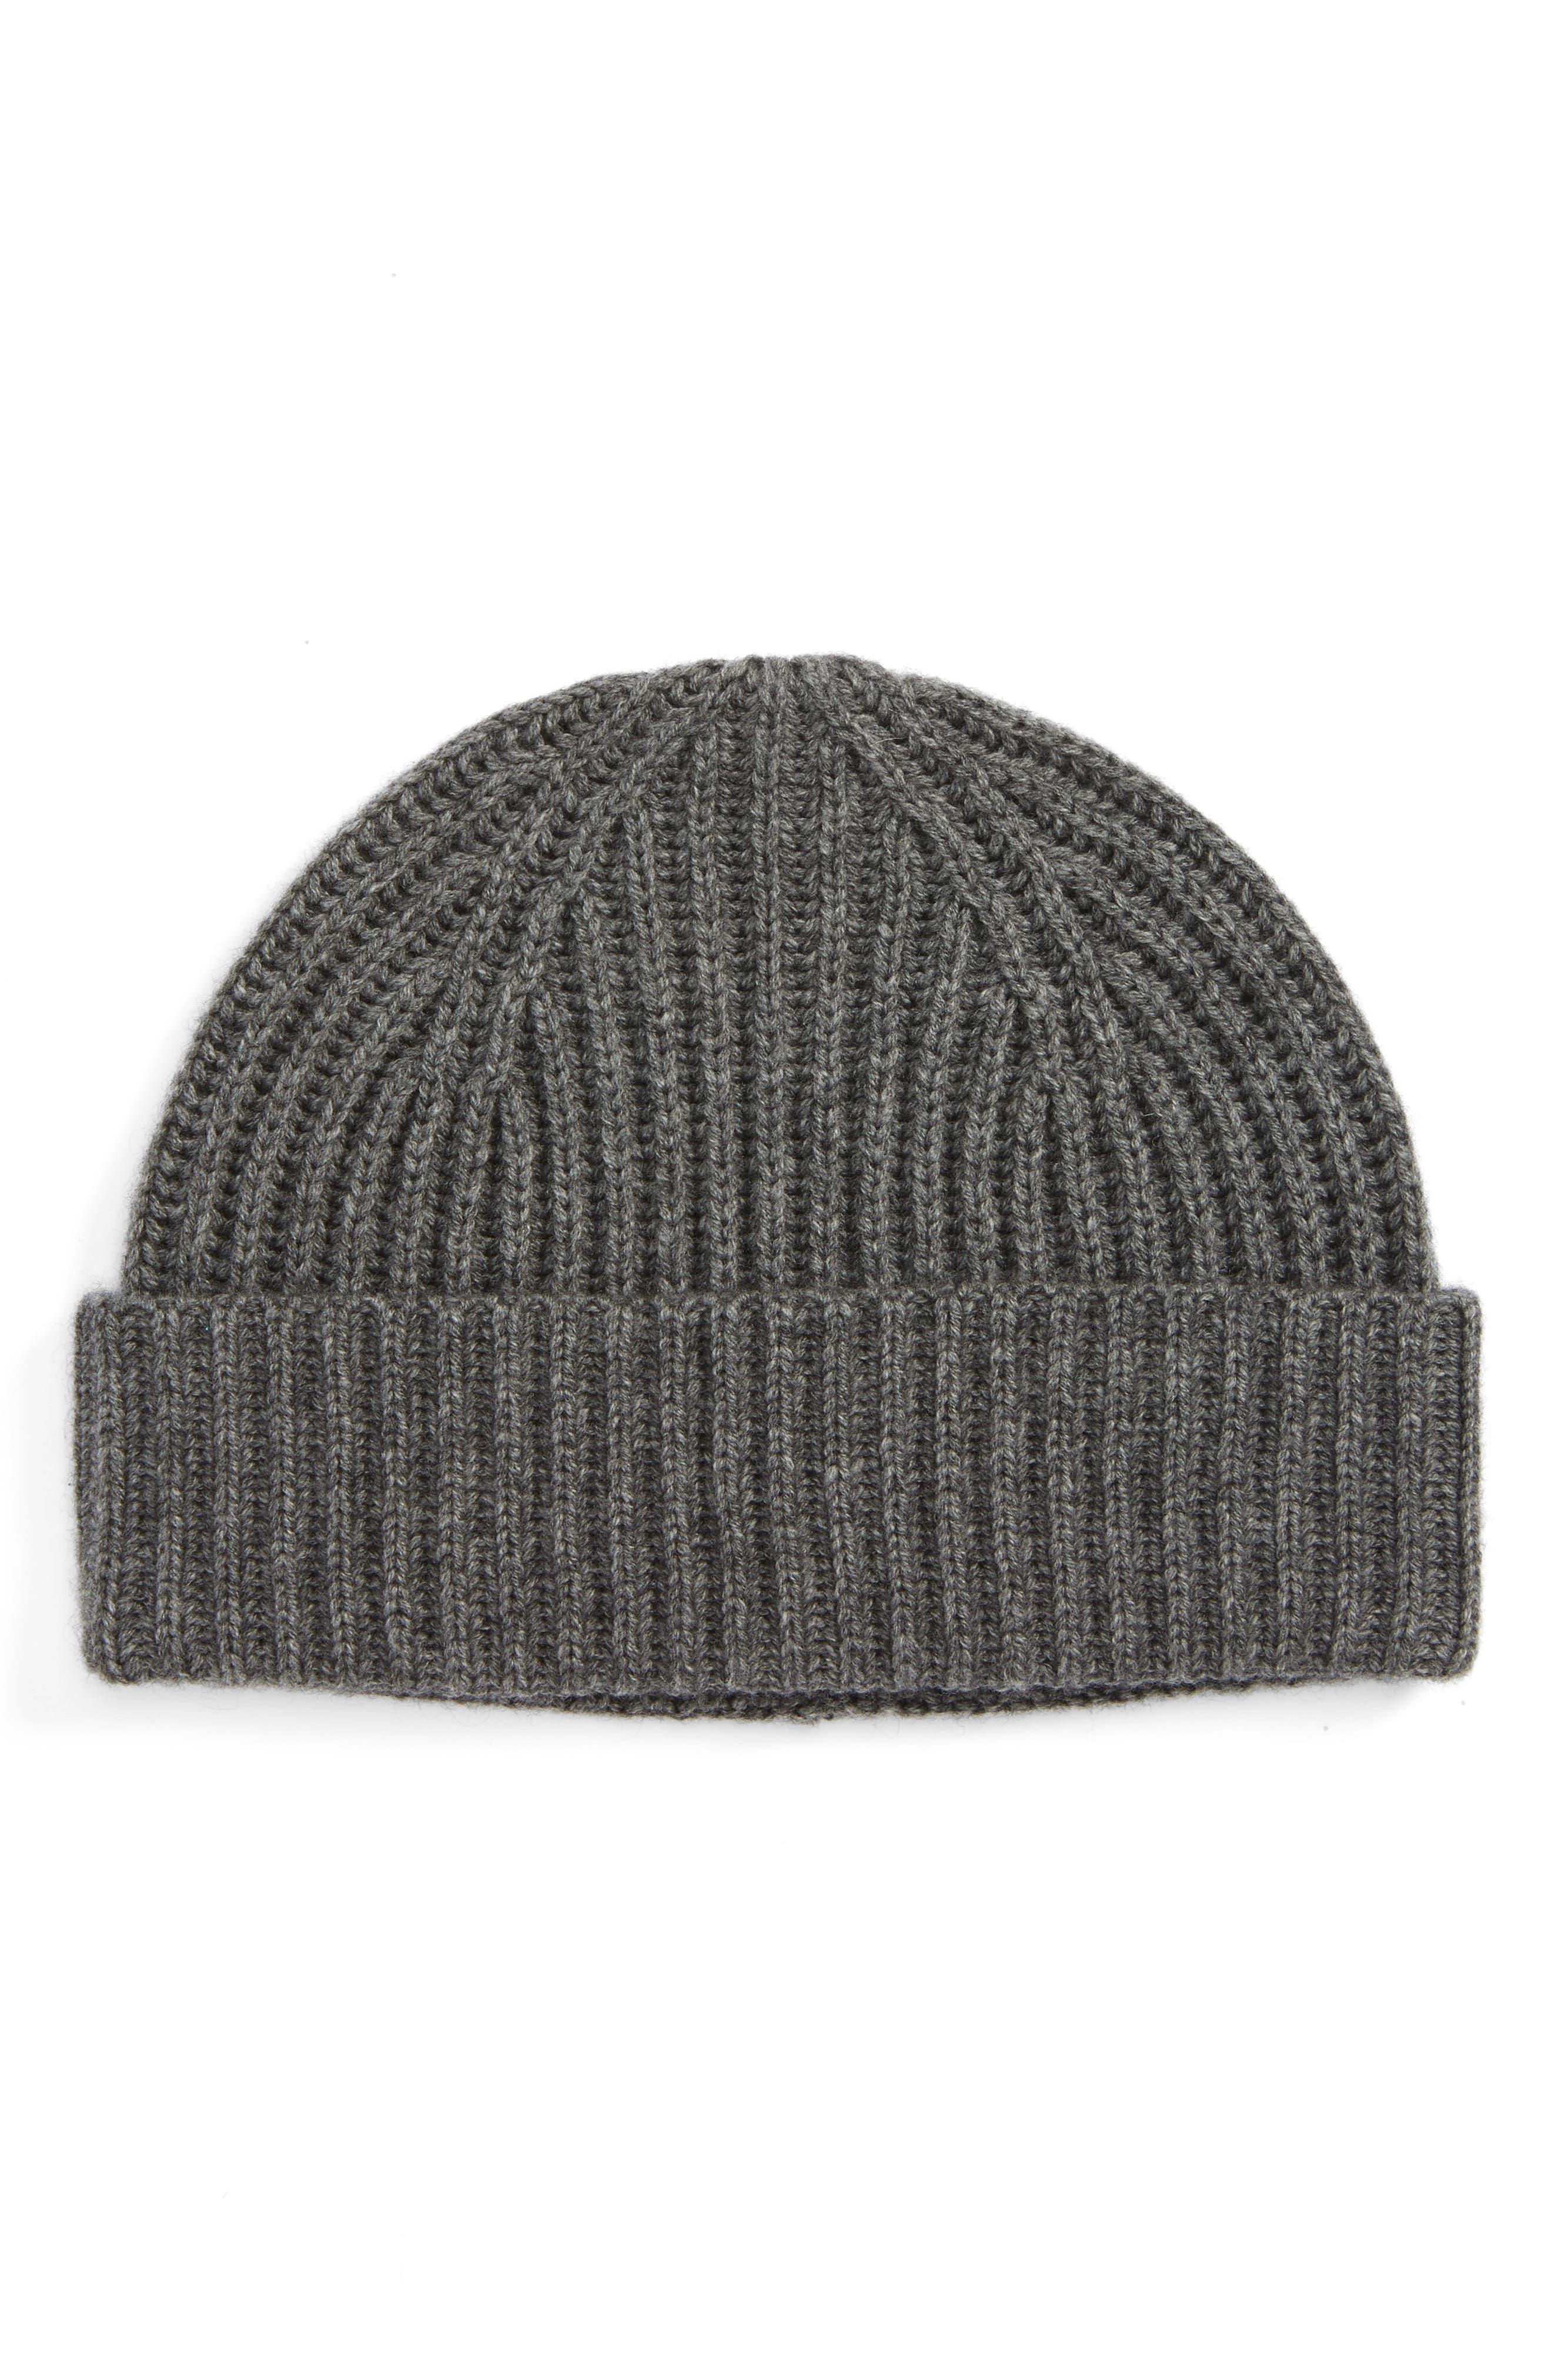 Nordstrom Men's Shop Wool & Cashmere Beanie